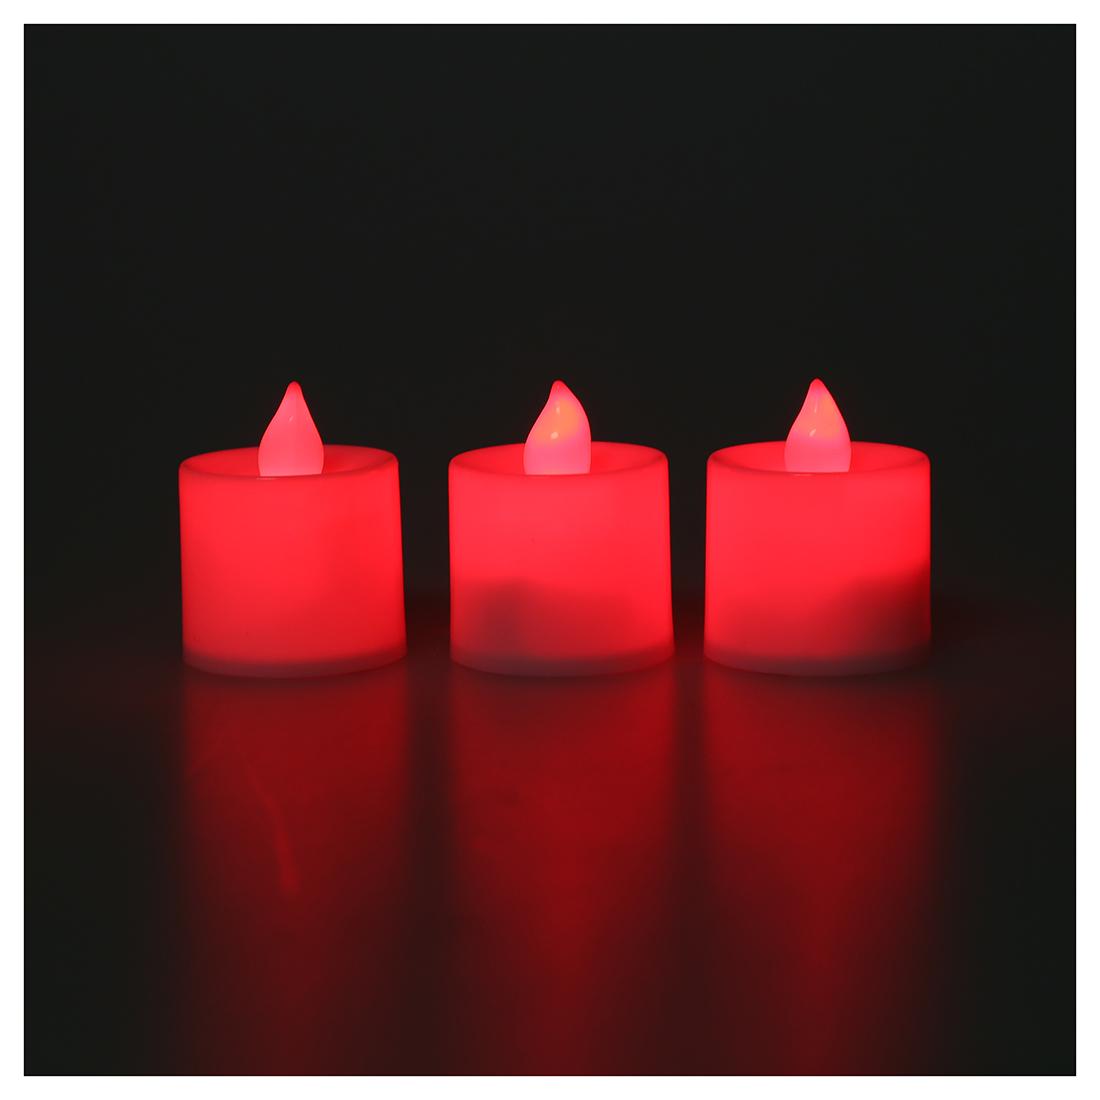 12pcs led flimmern kerzen teelicht kerzen rot licht zur hochzeit l8q8 ebay. Black Bedroom Furniture Sets. Home Design Ideas